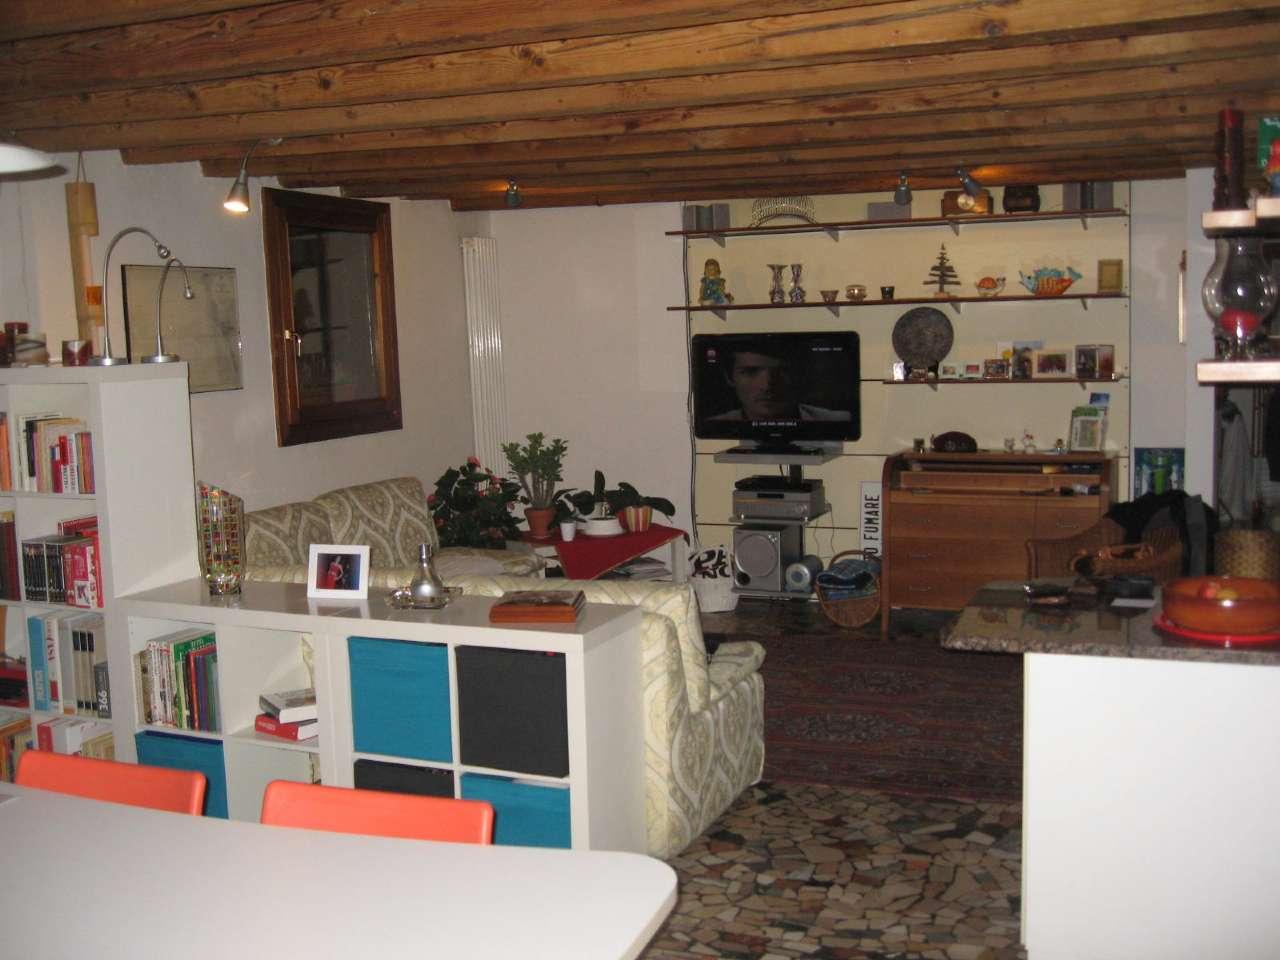 Appartamento zona centro vicenza in vendita waa2 for Appartamento centro storico vicenza